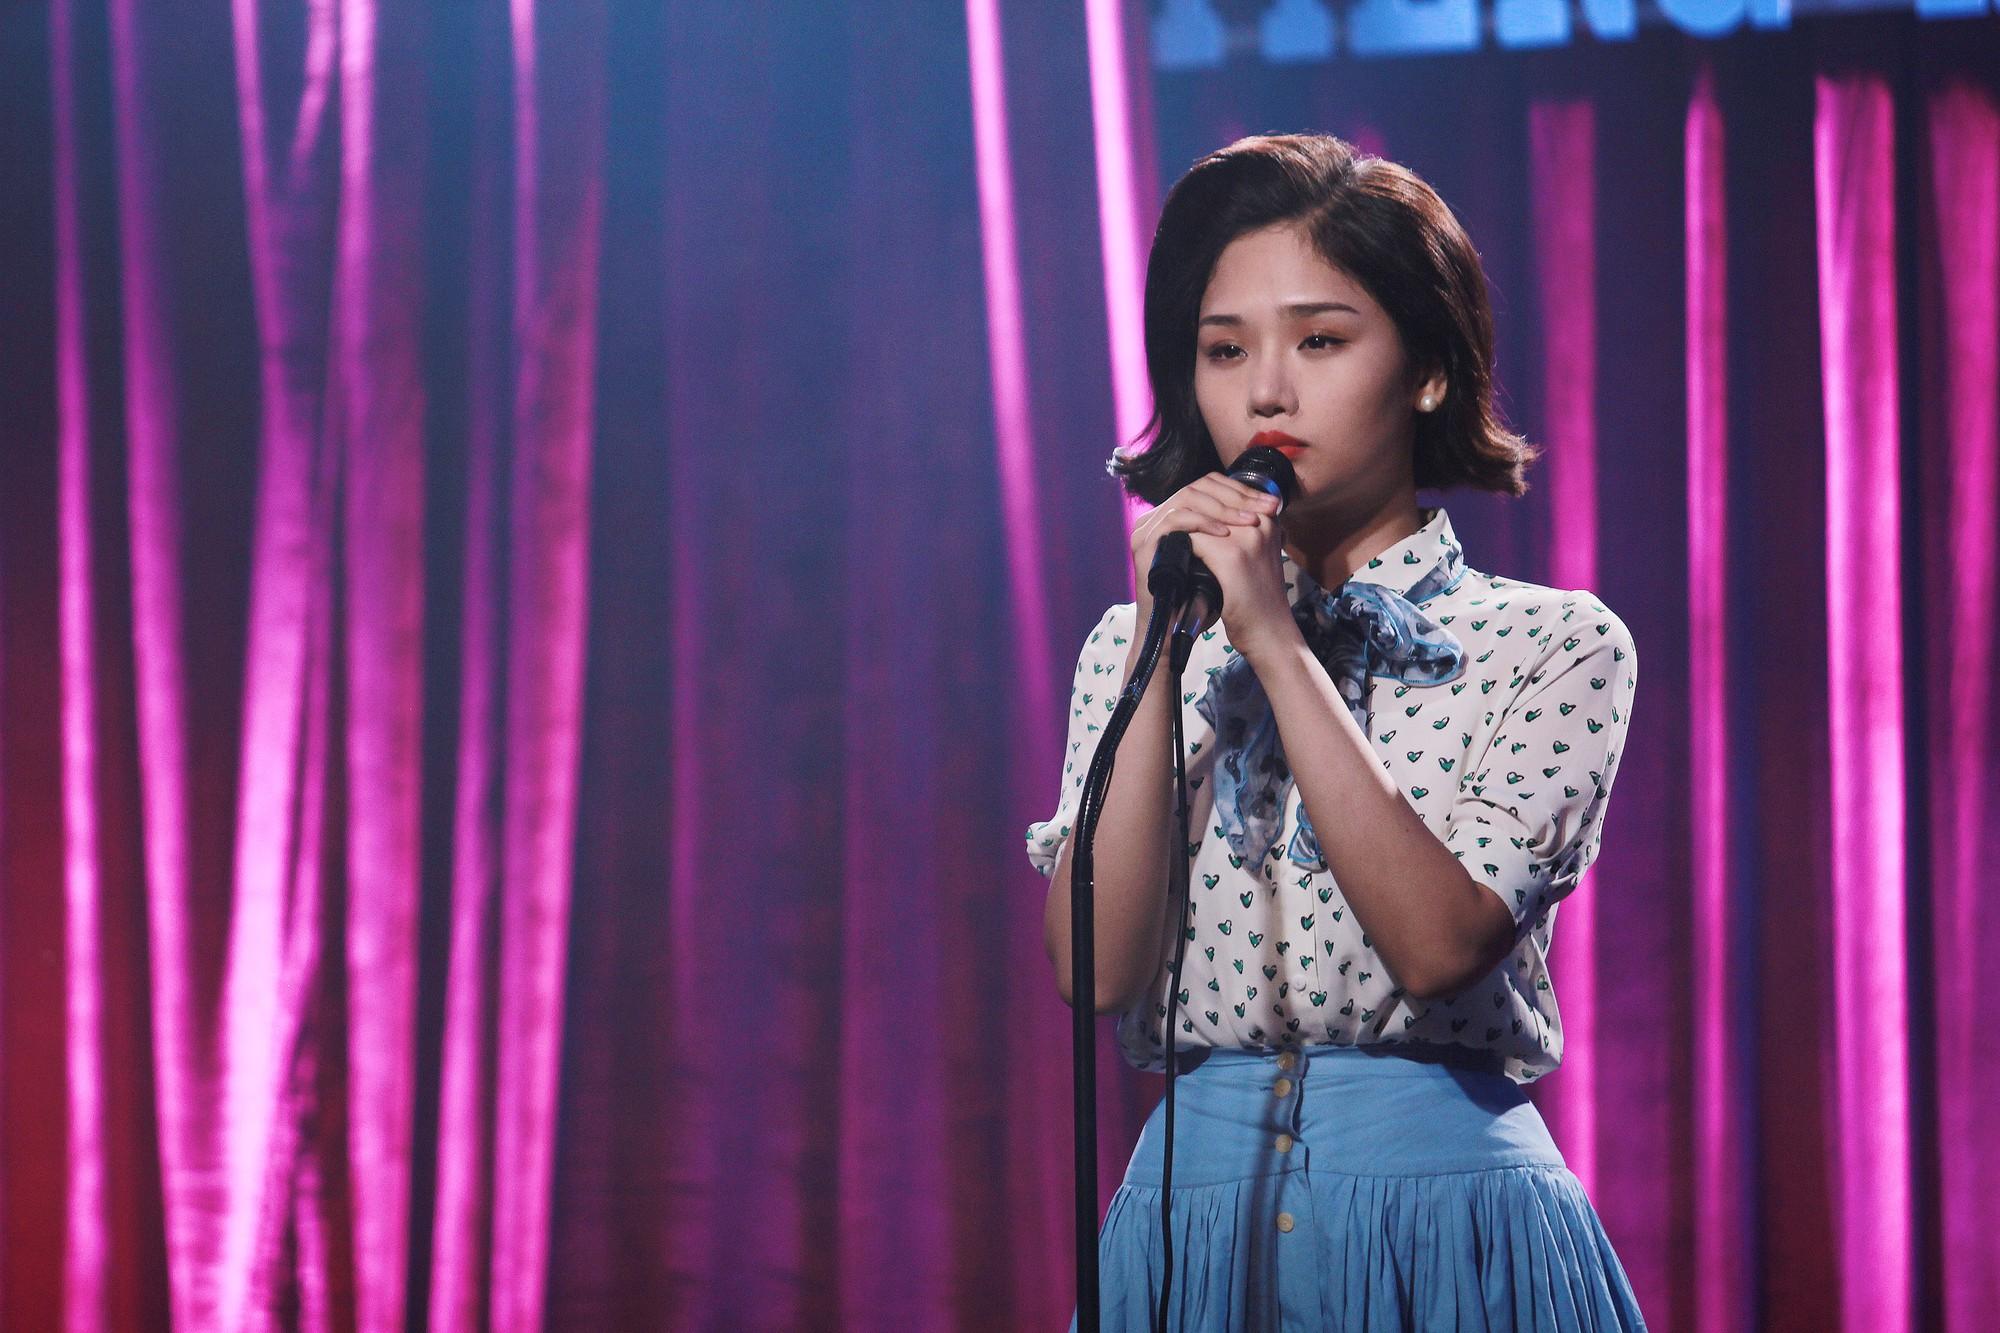 Khi diễn viên chính kiêm ca sĩ hát nhạc phim: Nghe thật và đồng cảm hơn - Ảnh 6.